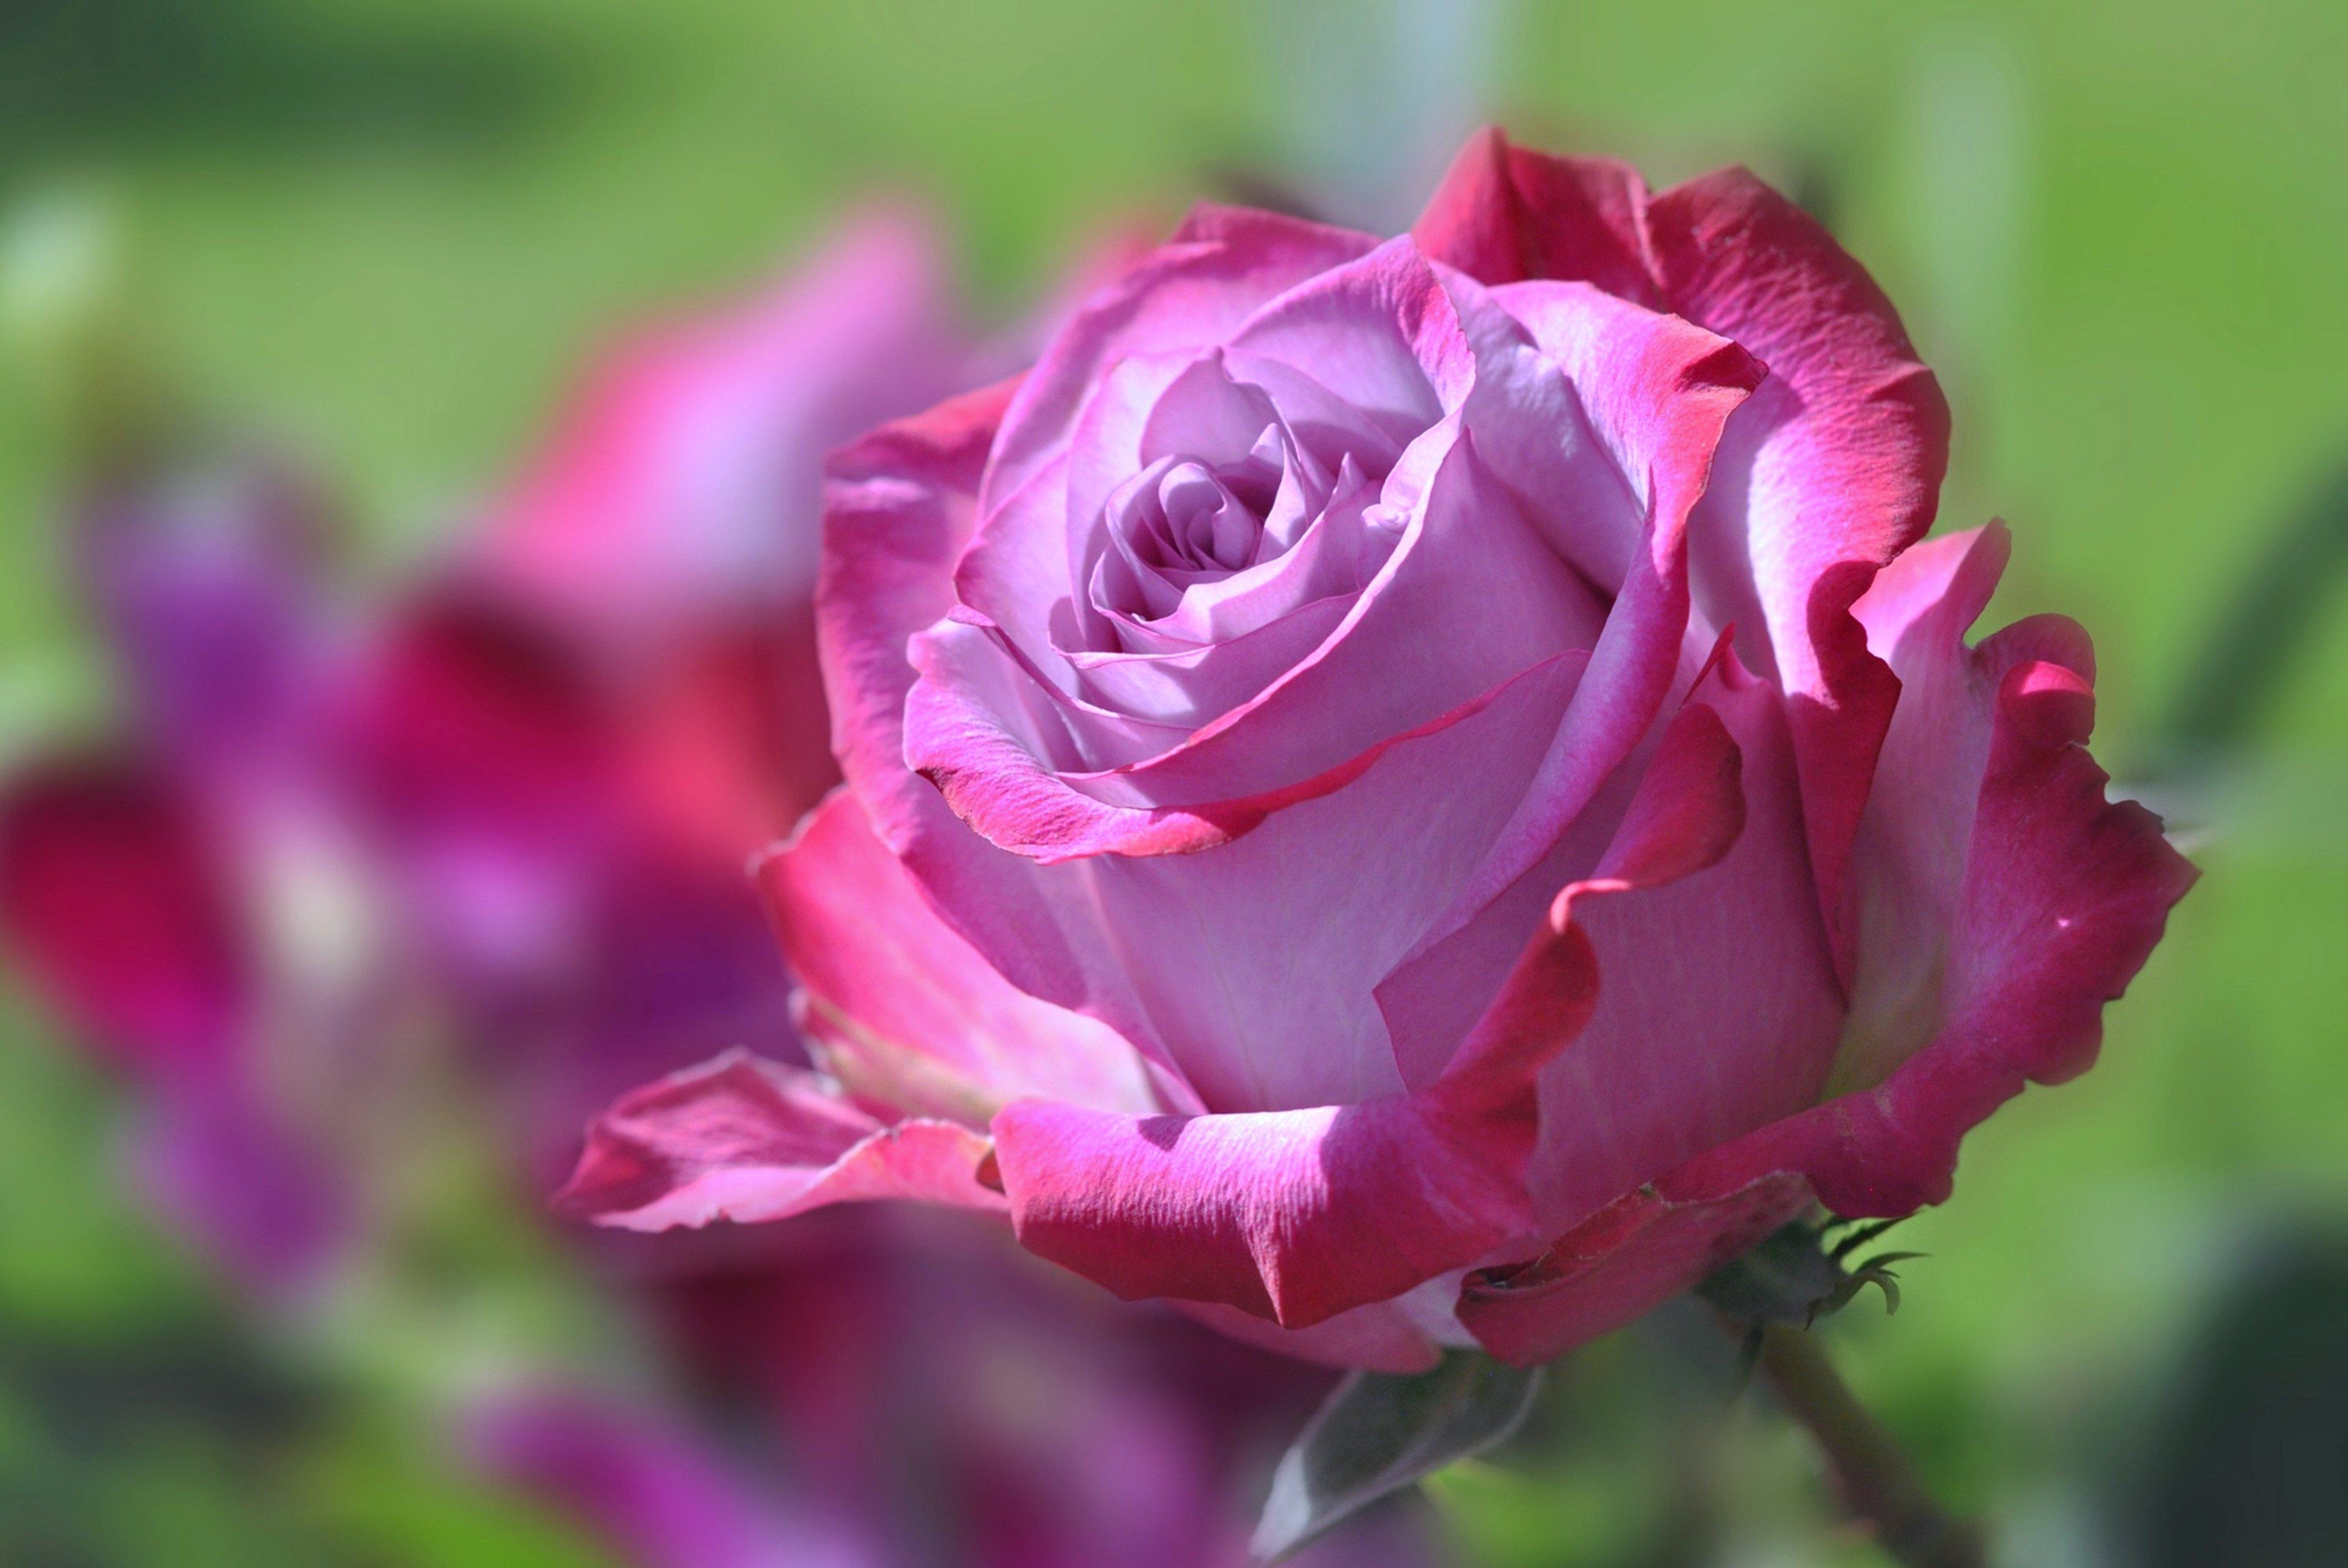 rose flowers spring nature landscape love emotions for